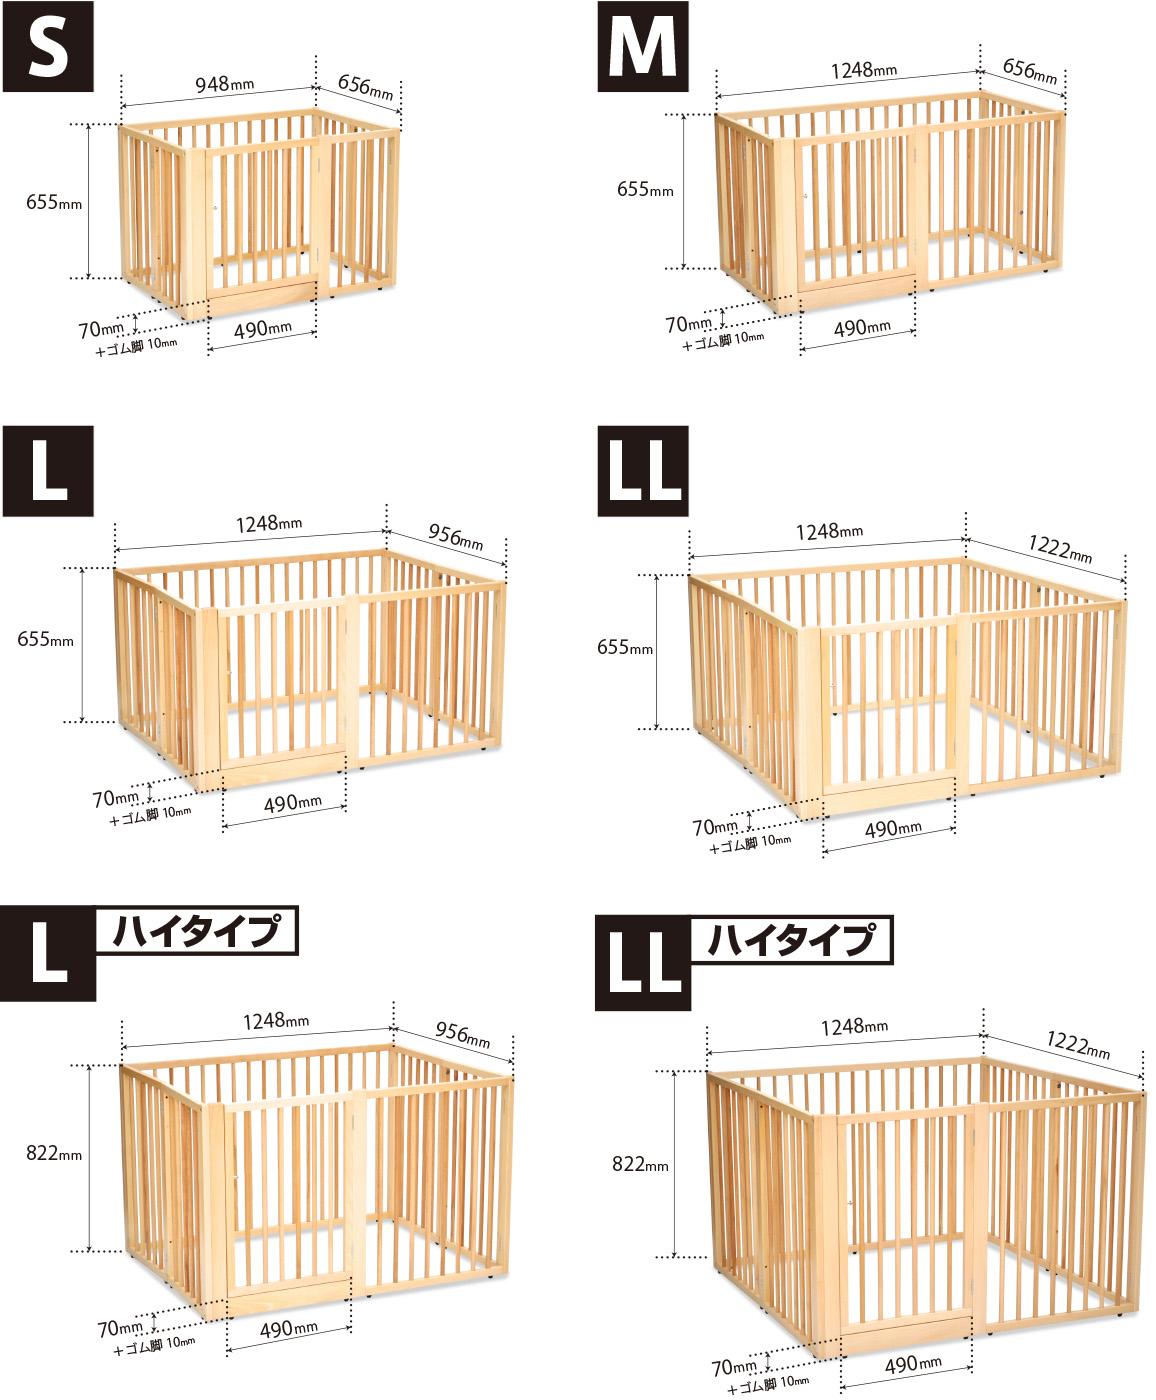 「木製ワンタッチペットサークル(Mサイズ)」